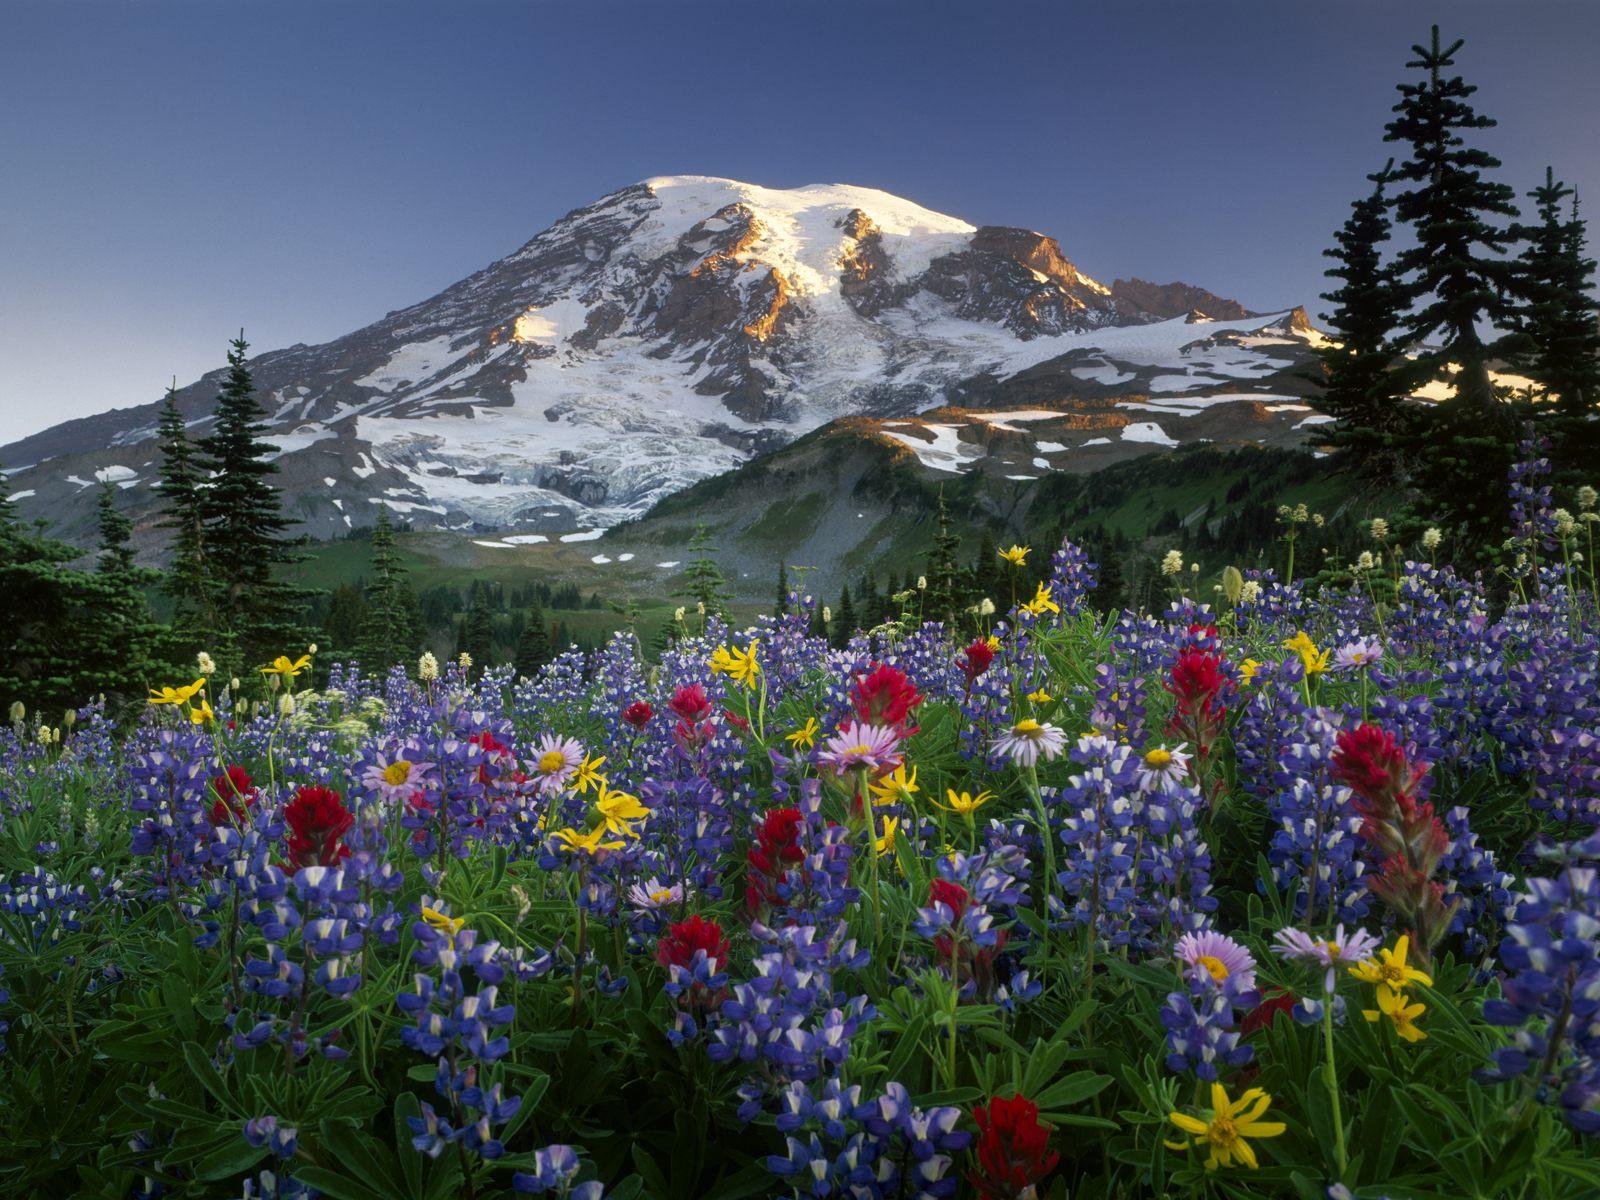 Choosing photos nueva serie de paisajes naturales 10 - Imagenes de paisajes ...